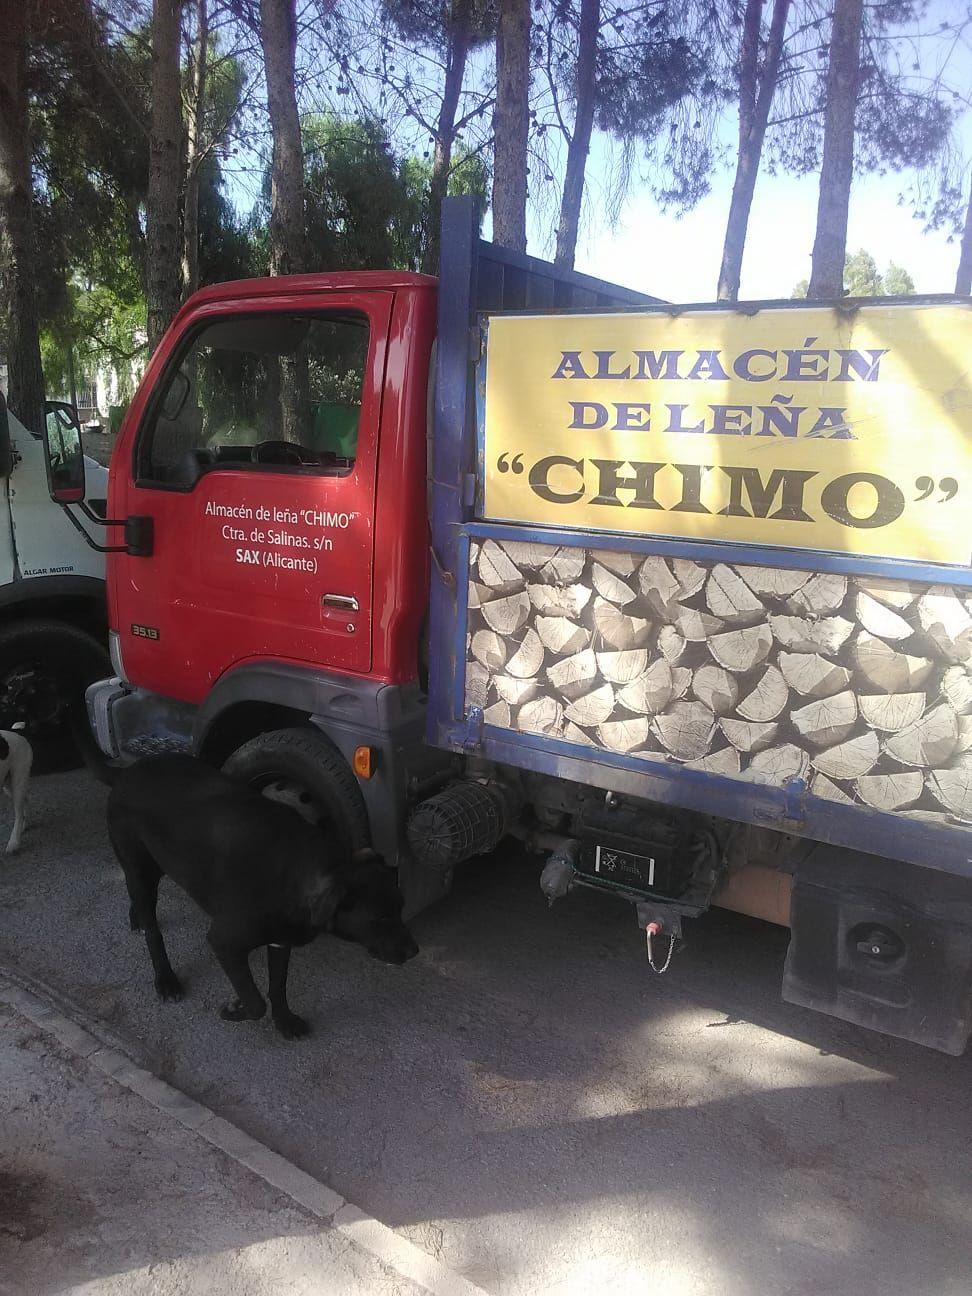 Venta de leña todo el año en Alicante